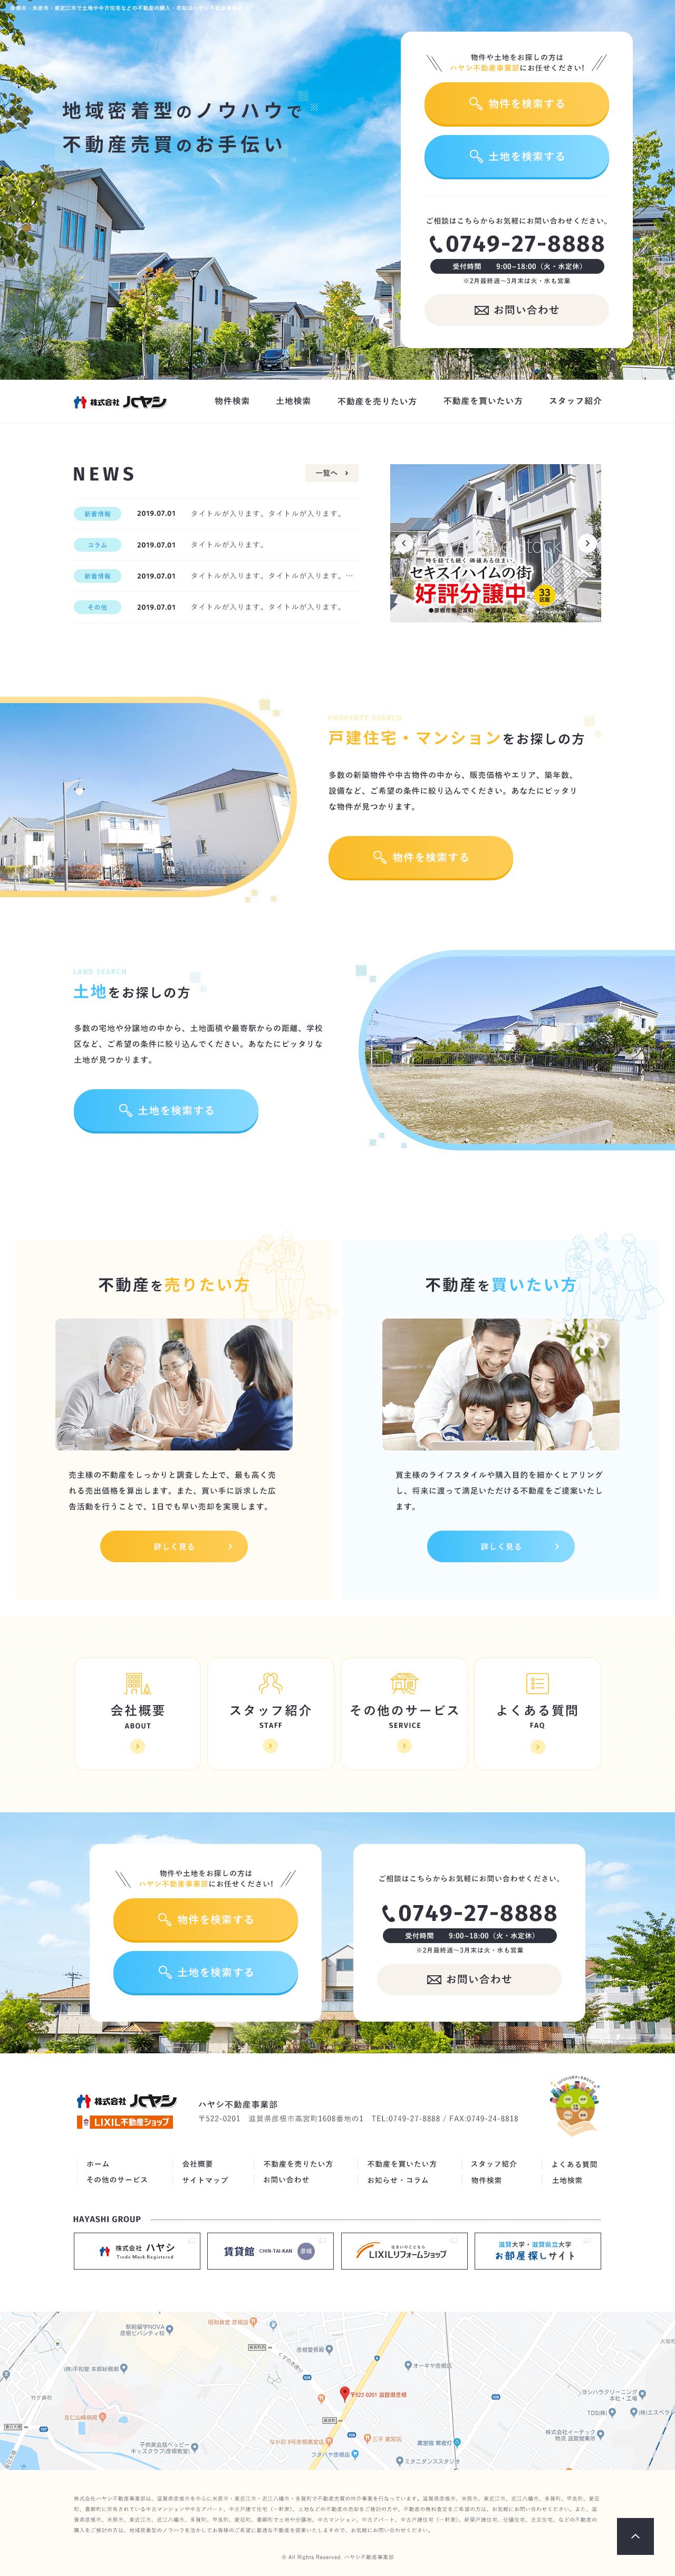 株式会社ハヤシ(不動産事業部) 様